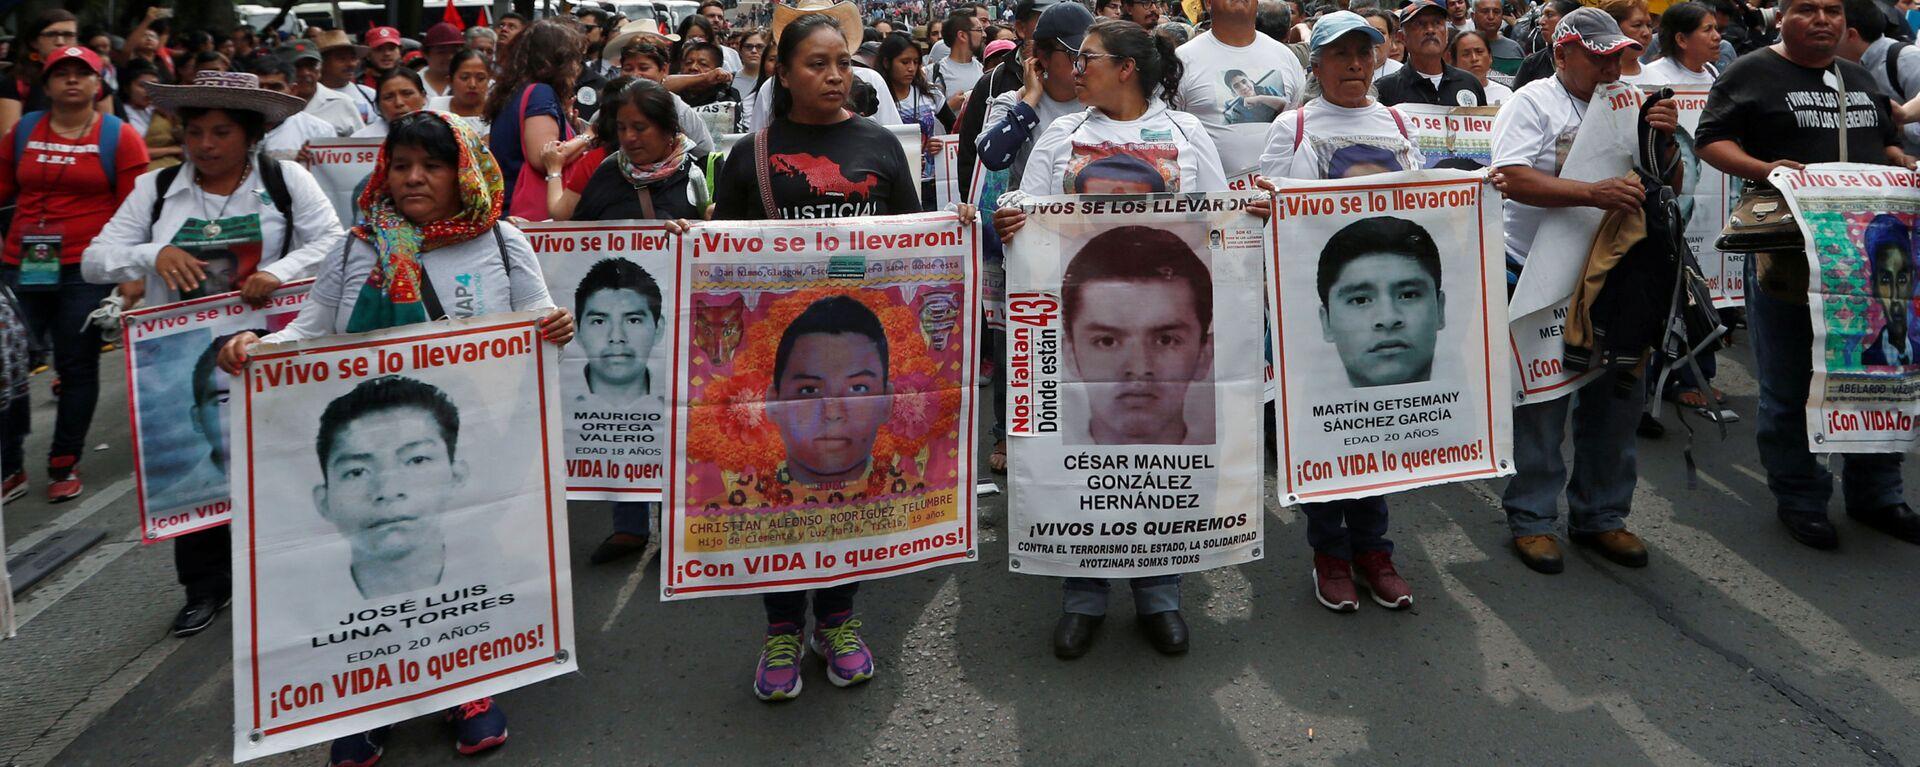 Los parientes sostienen carteles con fotos de estudiantes desaparecidos en una manifestación en México - Sputnik Mundo, 1920, 20.09.2021